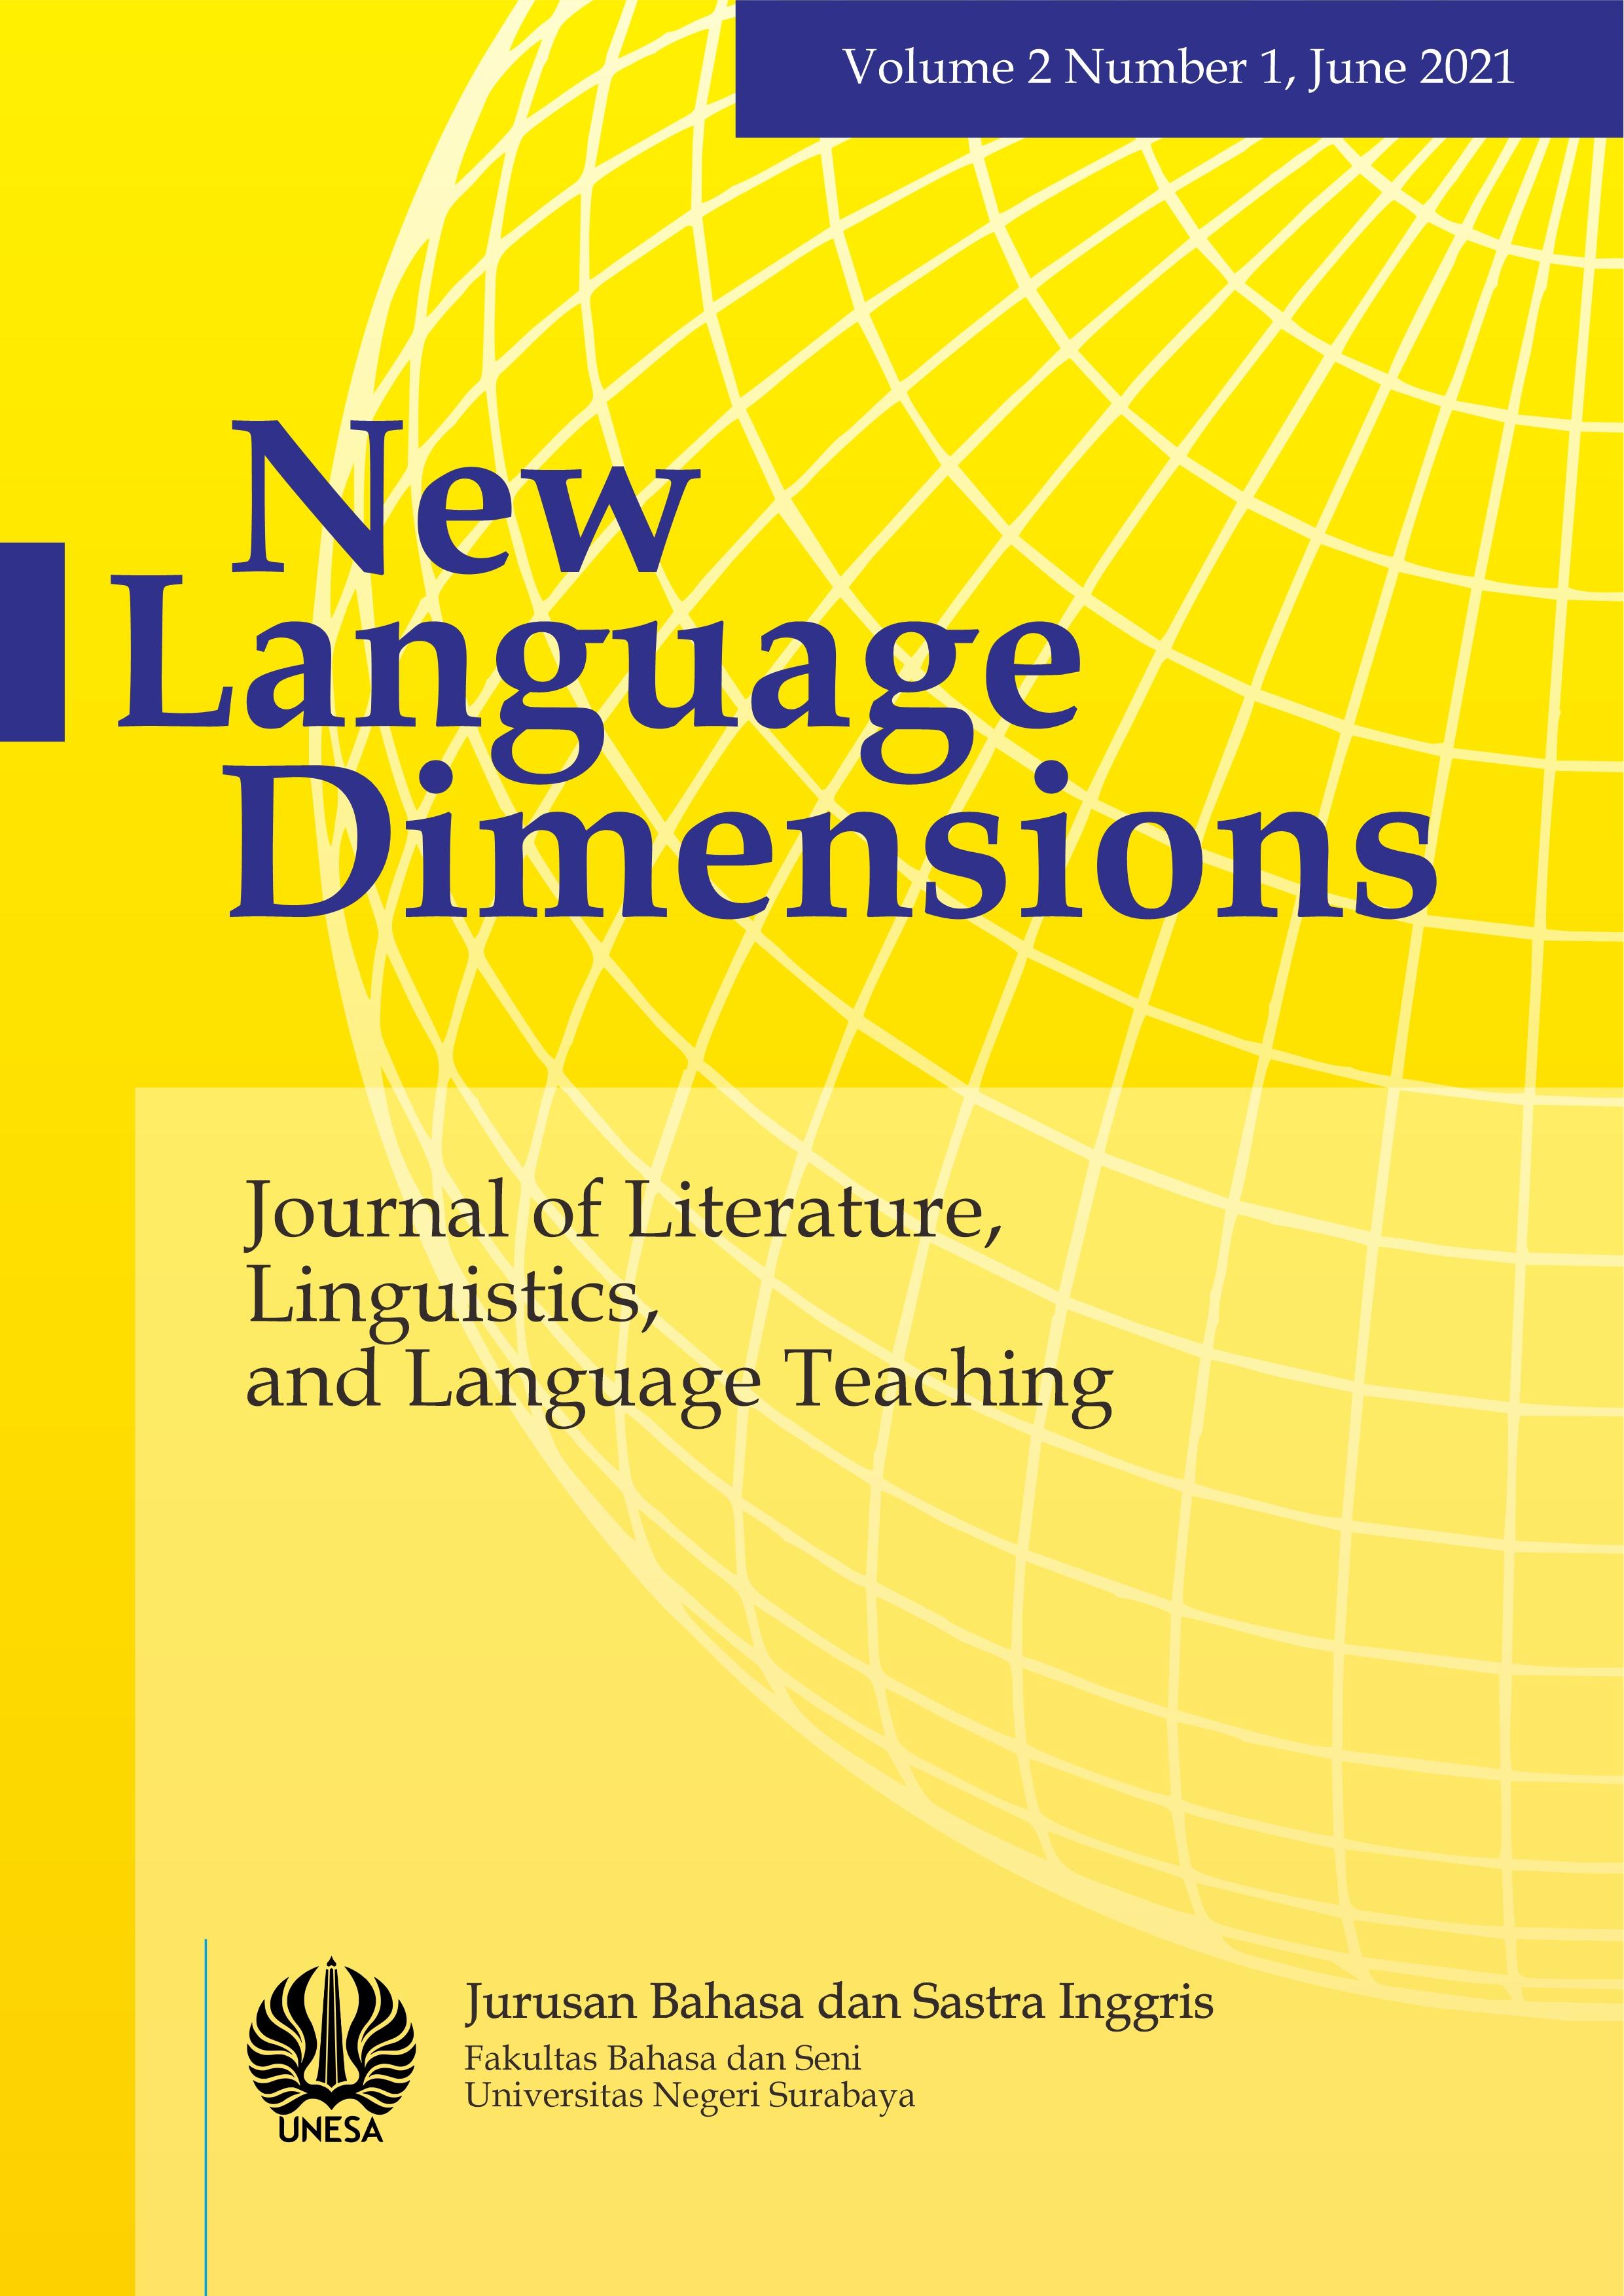 View Vol. 2 No. 1 (2021): New Language Dimensions Vol. 2 No. 1, June 2021